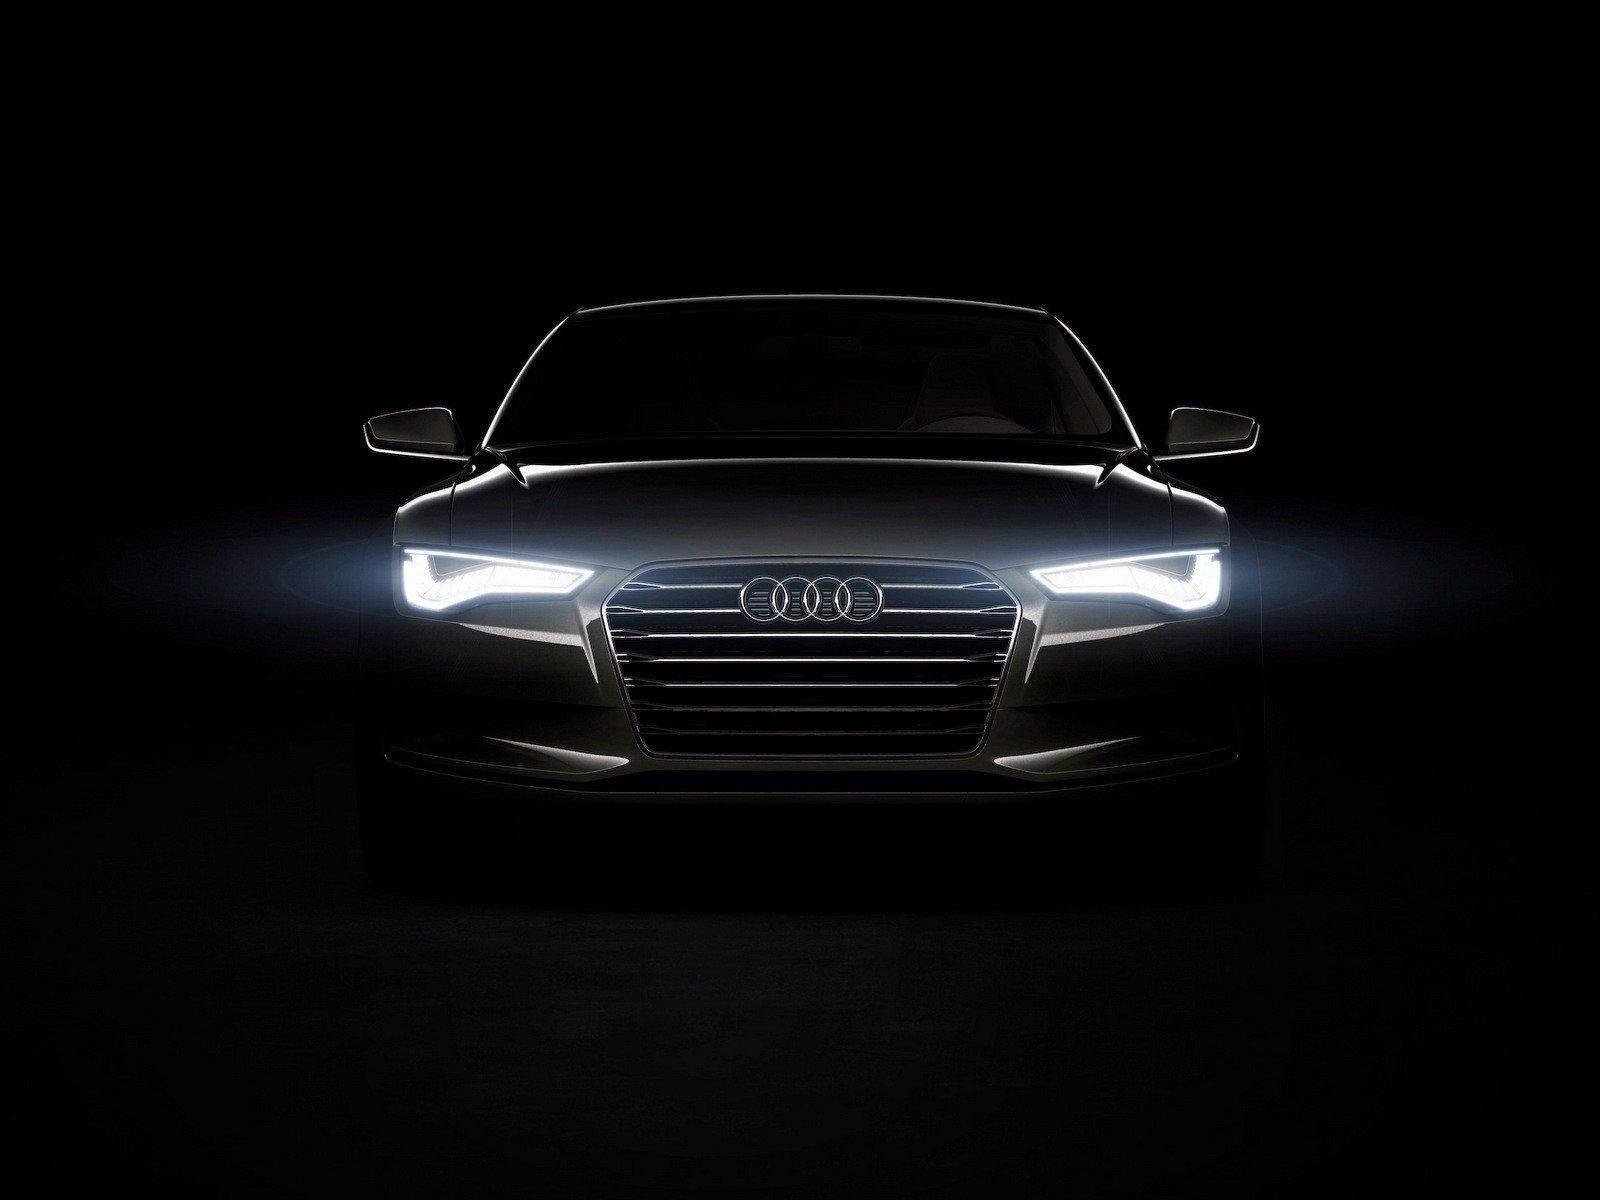 Audi Car Wallpapers Wallpaper Cave